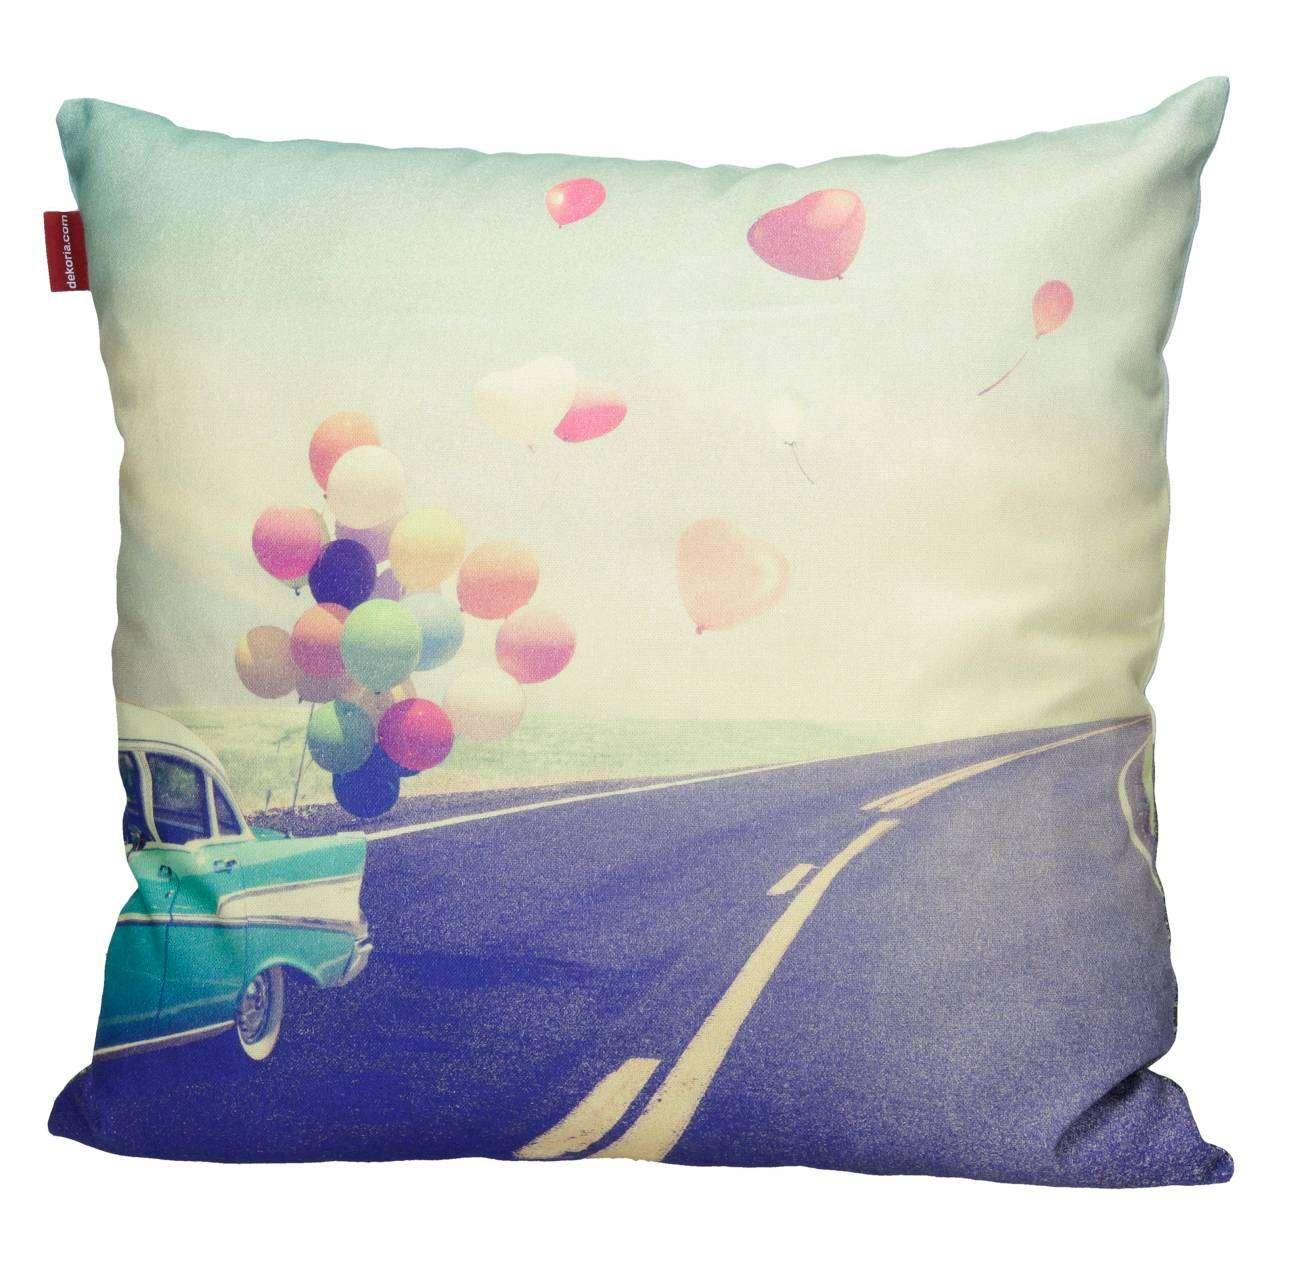 Balloons Print Cushion Cover 45x45cm